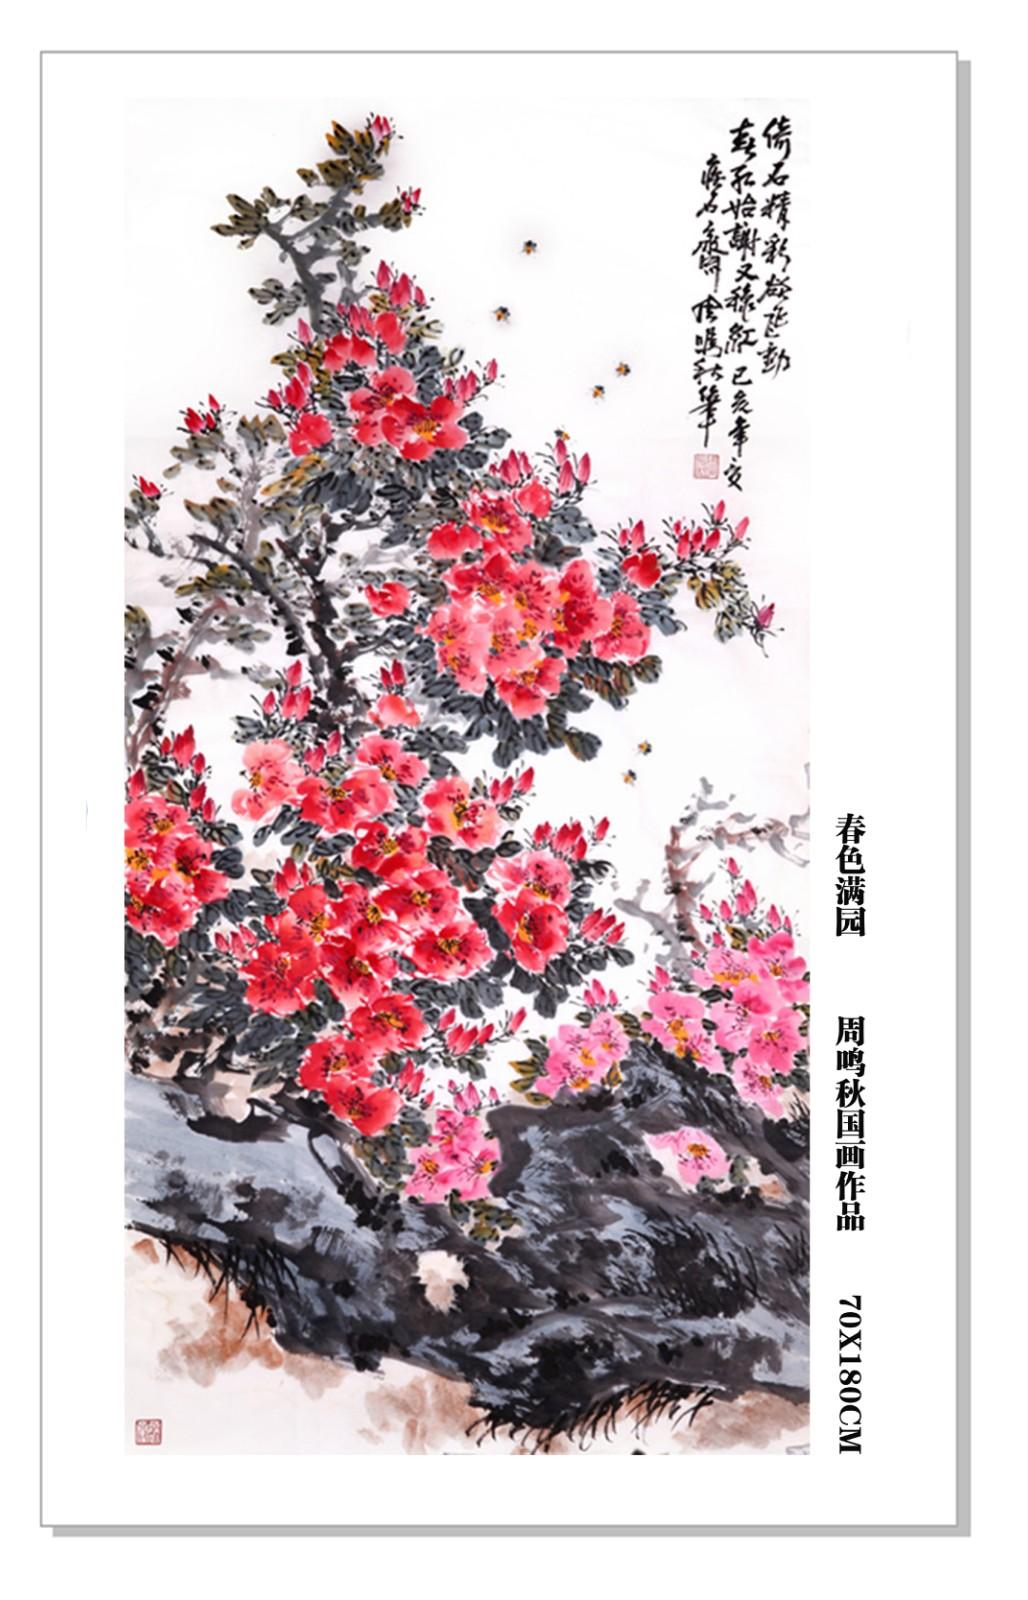 万里江山颂--漠墨园艺术系列活动(第一集)_图1-4